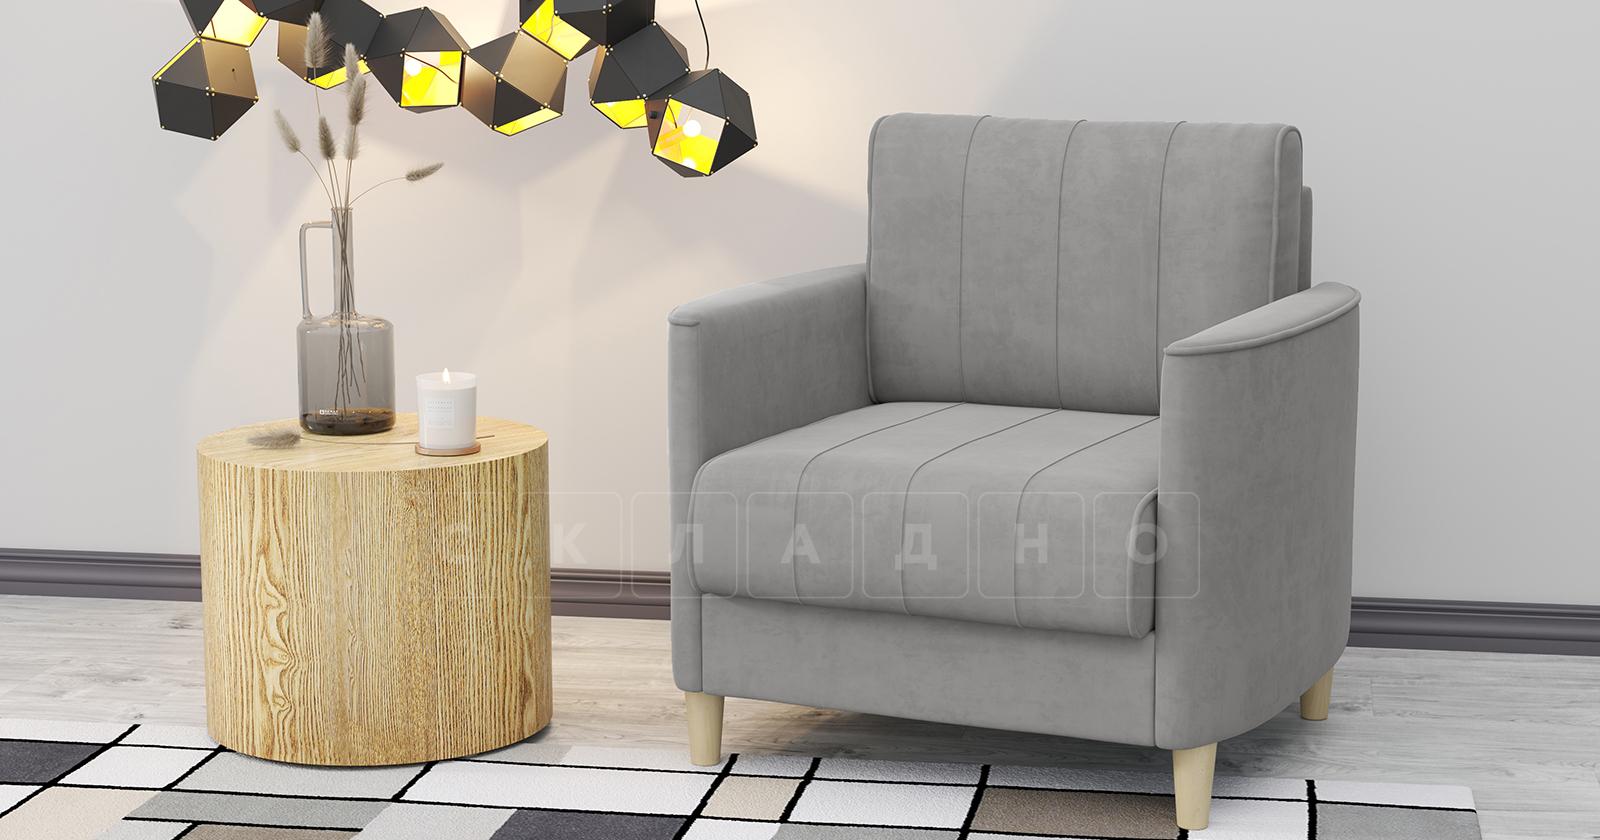 Кресло для отдыха Лорен серебристый серый фото 5   интернет-магазин Складно